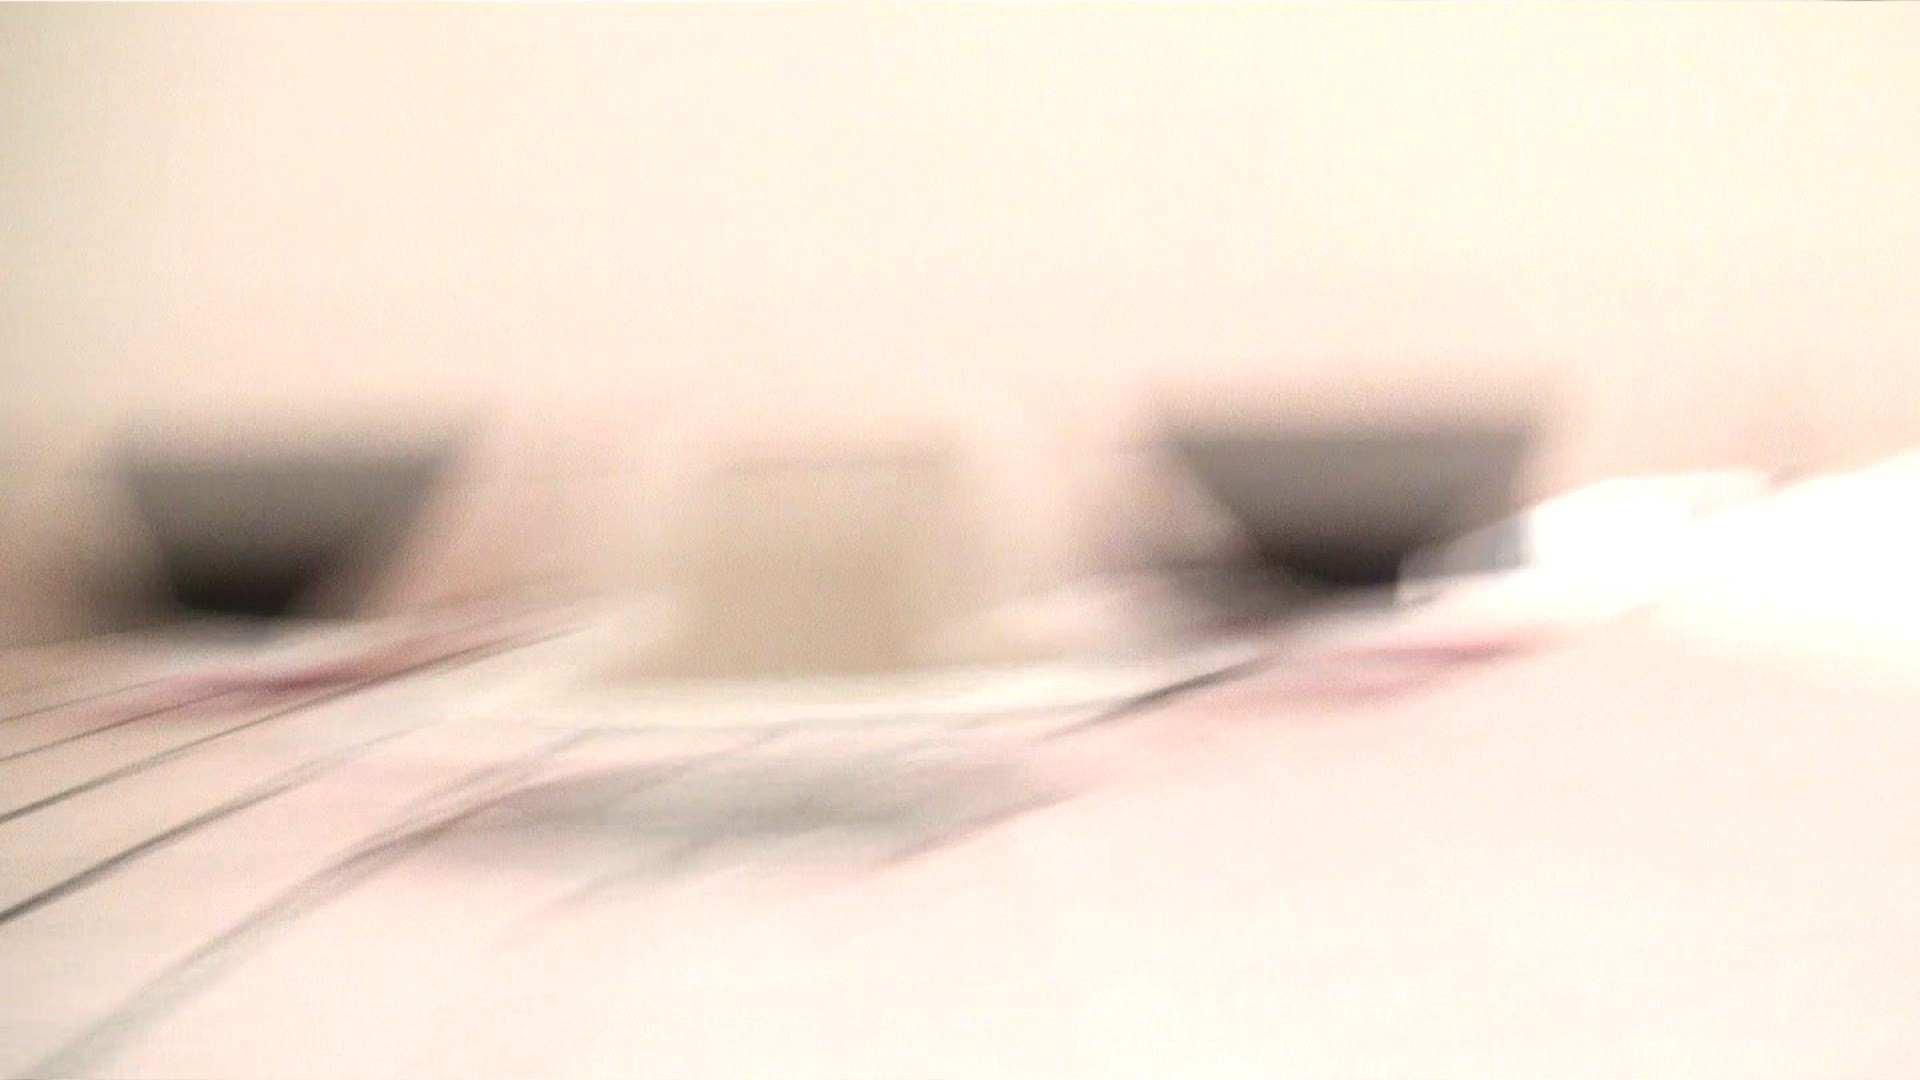 ※100個限定販売 至高下半身盗撮 プレミアム Vol.36 ハイビジョン OL | 盗撮エロすぎ  51連発 49